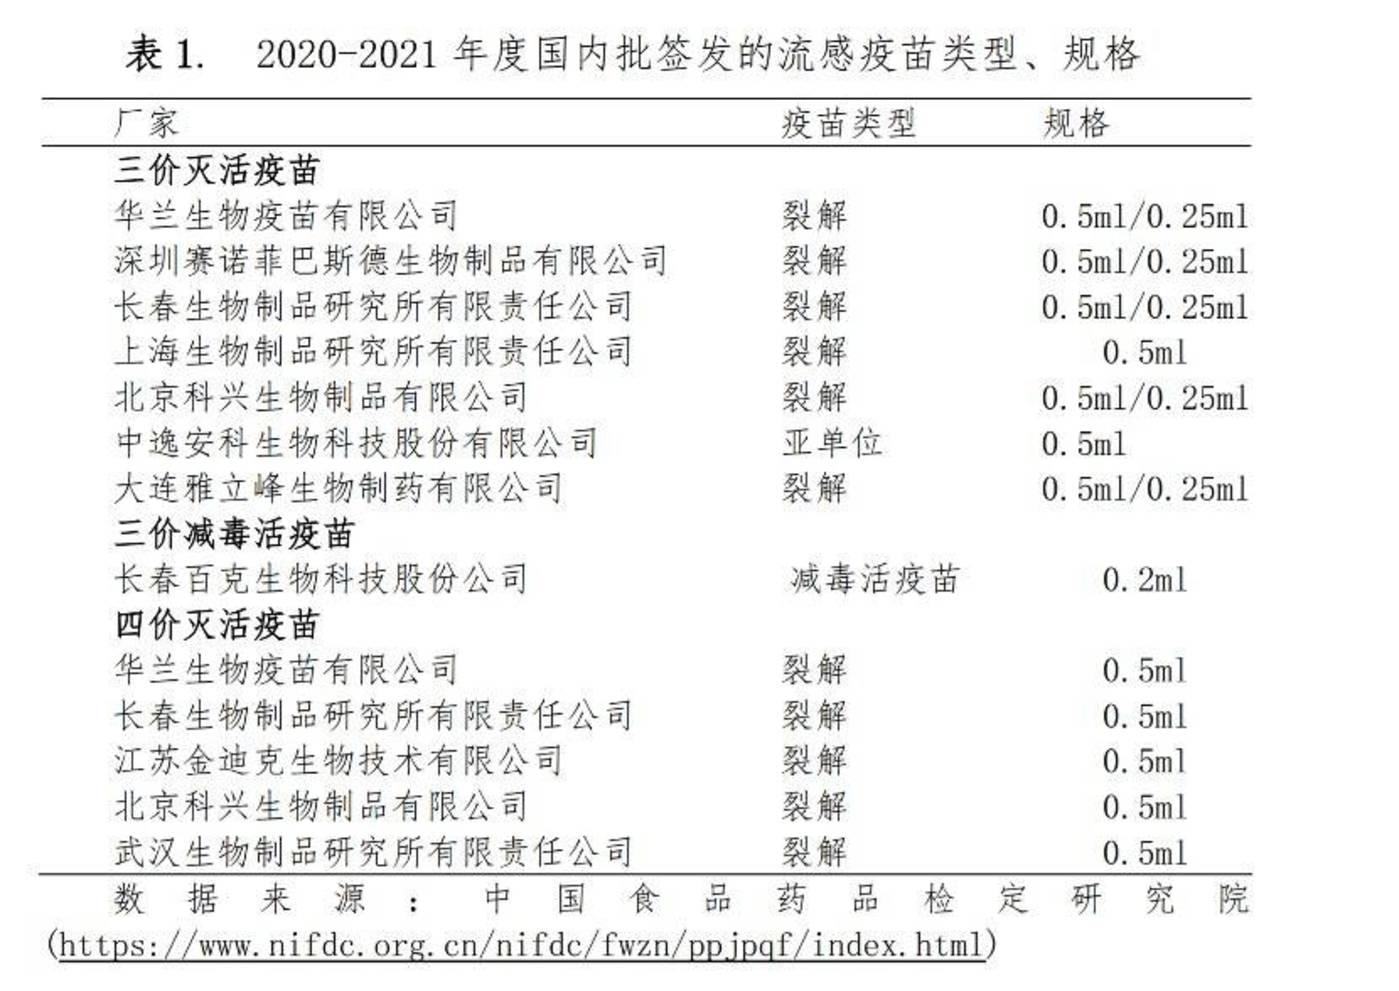 △截图来自:《中国流感疫苗预防接种技术指南(2020-2021)》